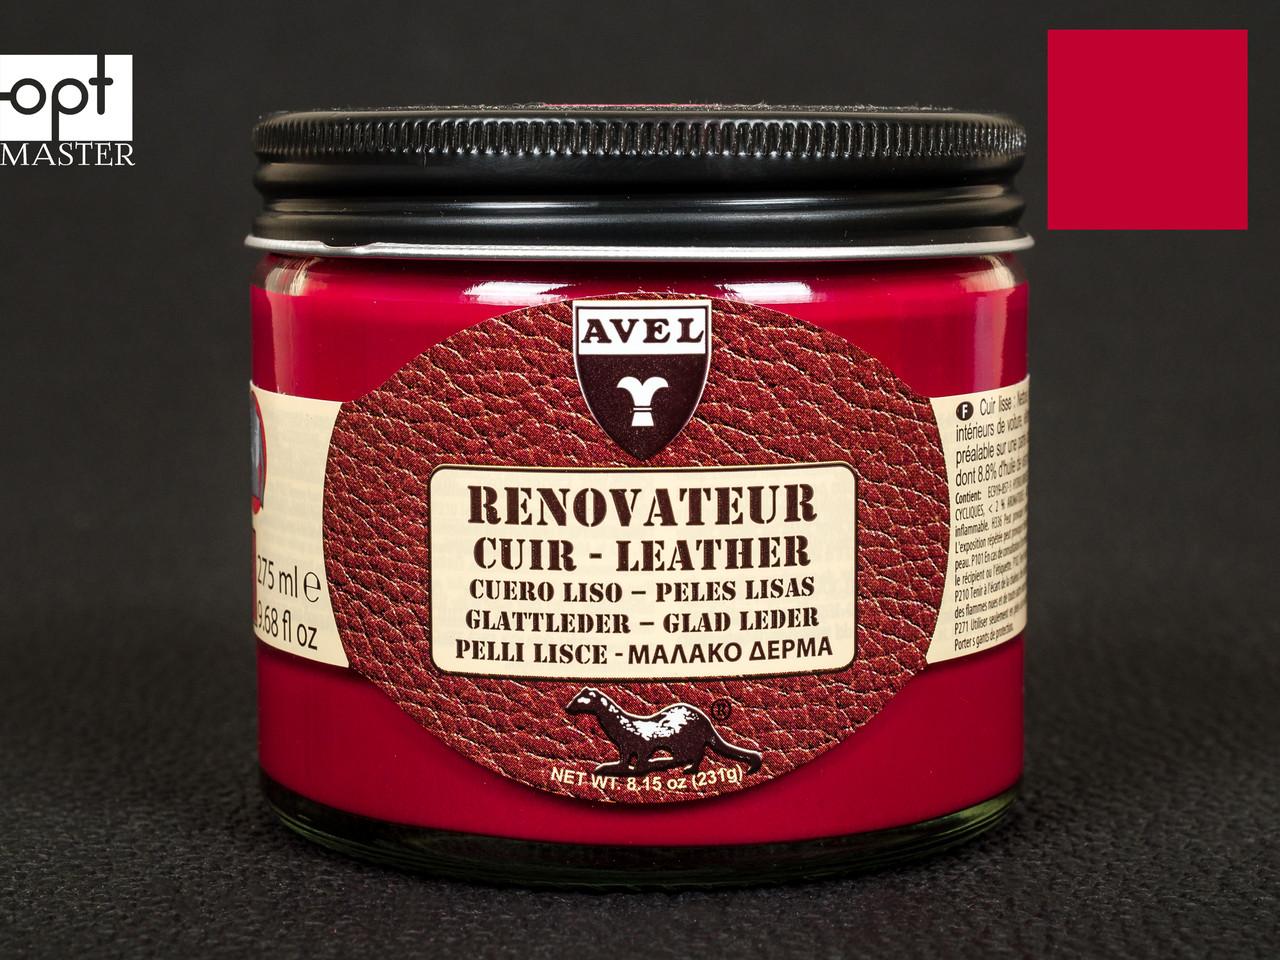 Крем для восстановления потертых и выгоревших участков Avel, 275 мл, цв. красный (11) (4052)